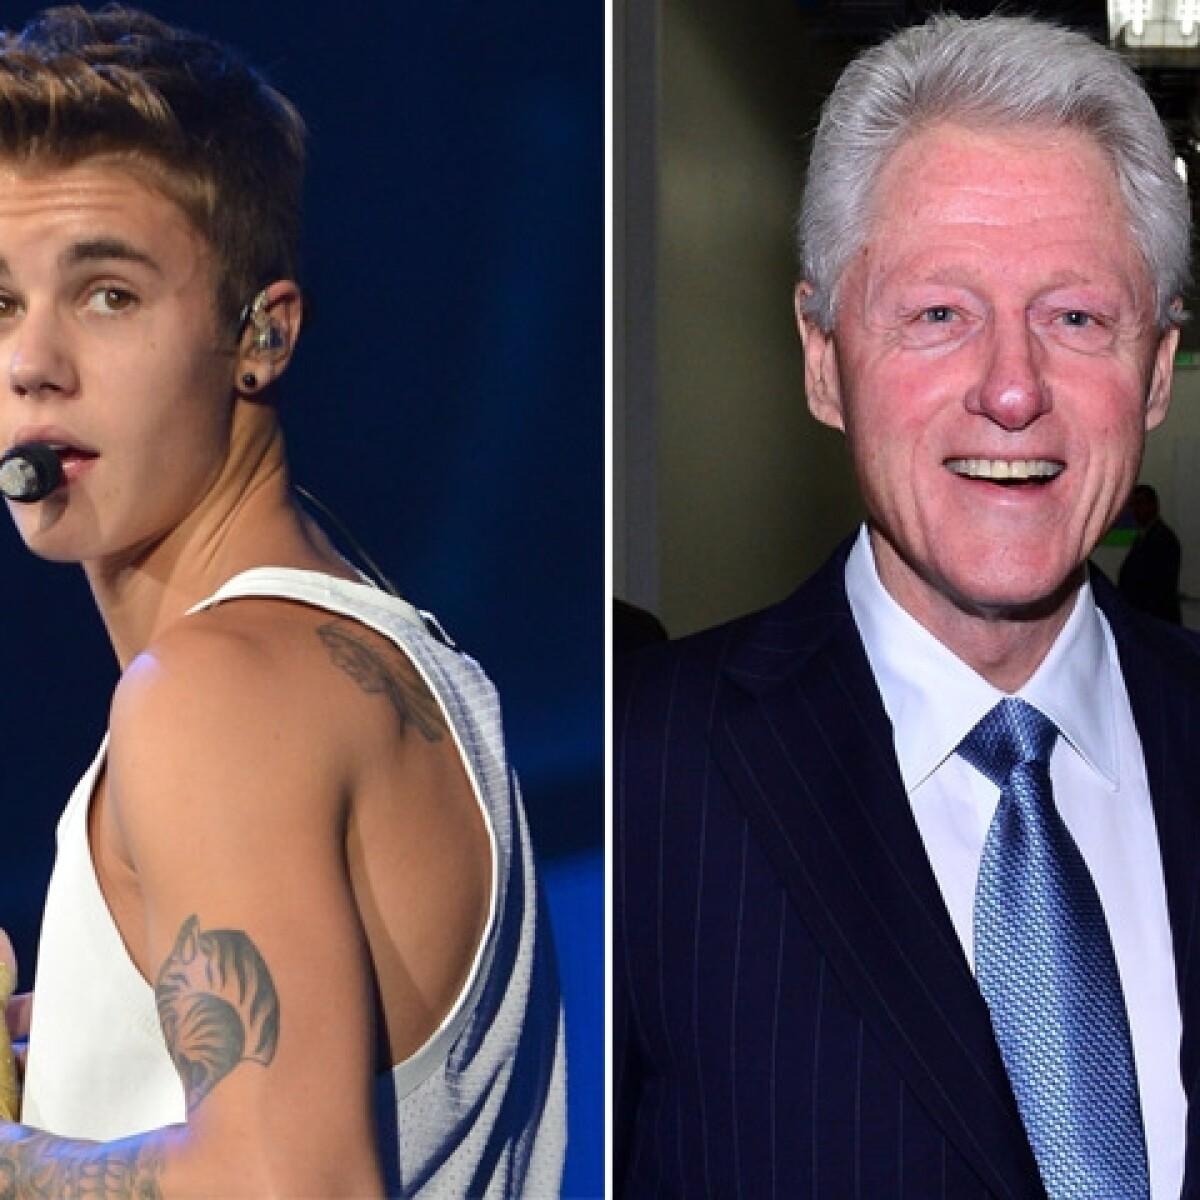 Justin Bieber le ofrece disculpas al ex presidente Bill Clinton